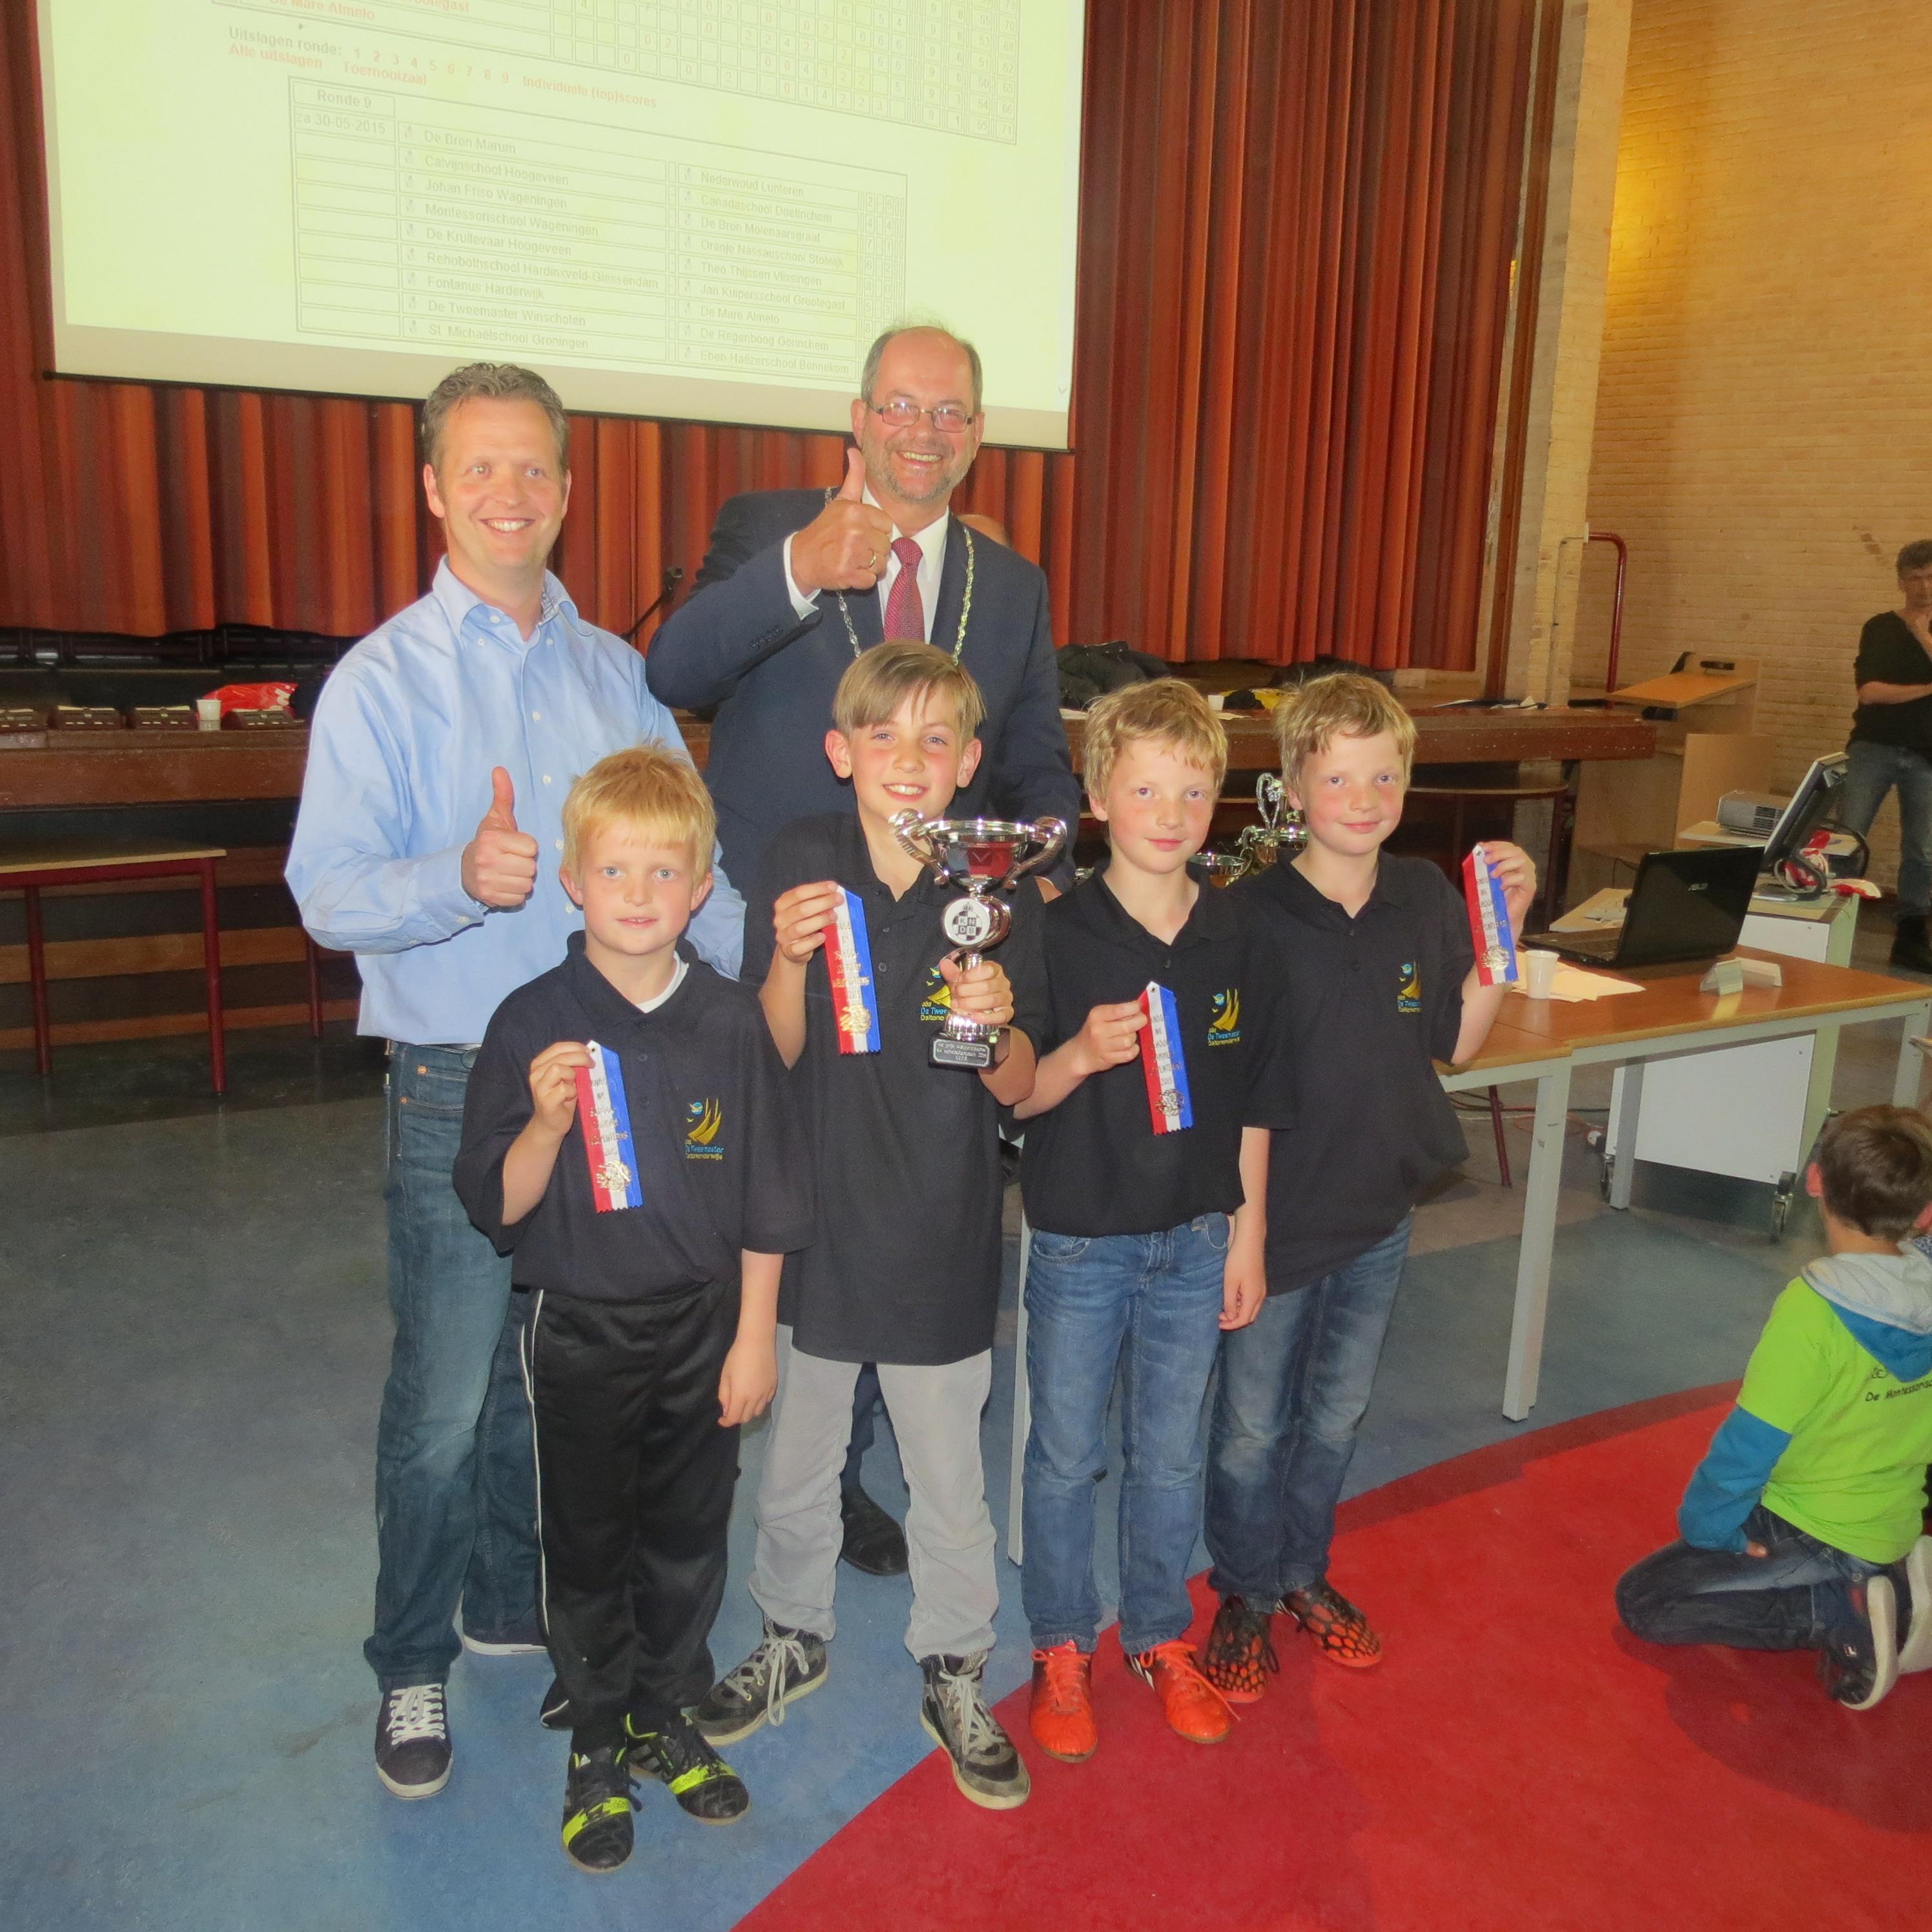 Jeugddammers Oost Groningen succesvol bij Frieslandcup in Drachten